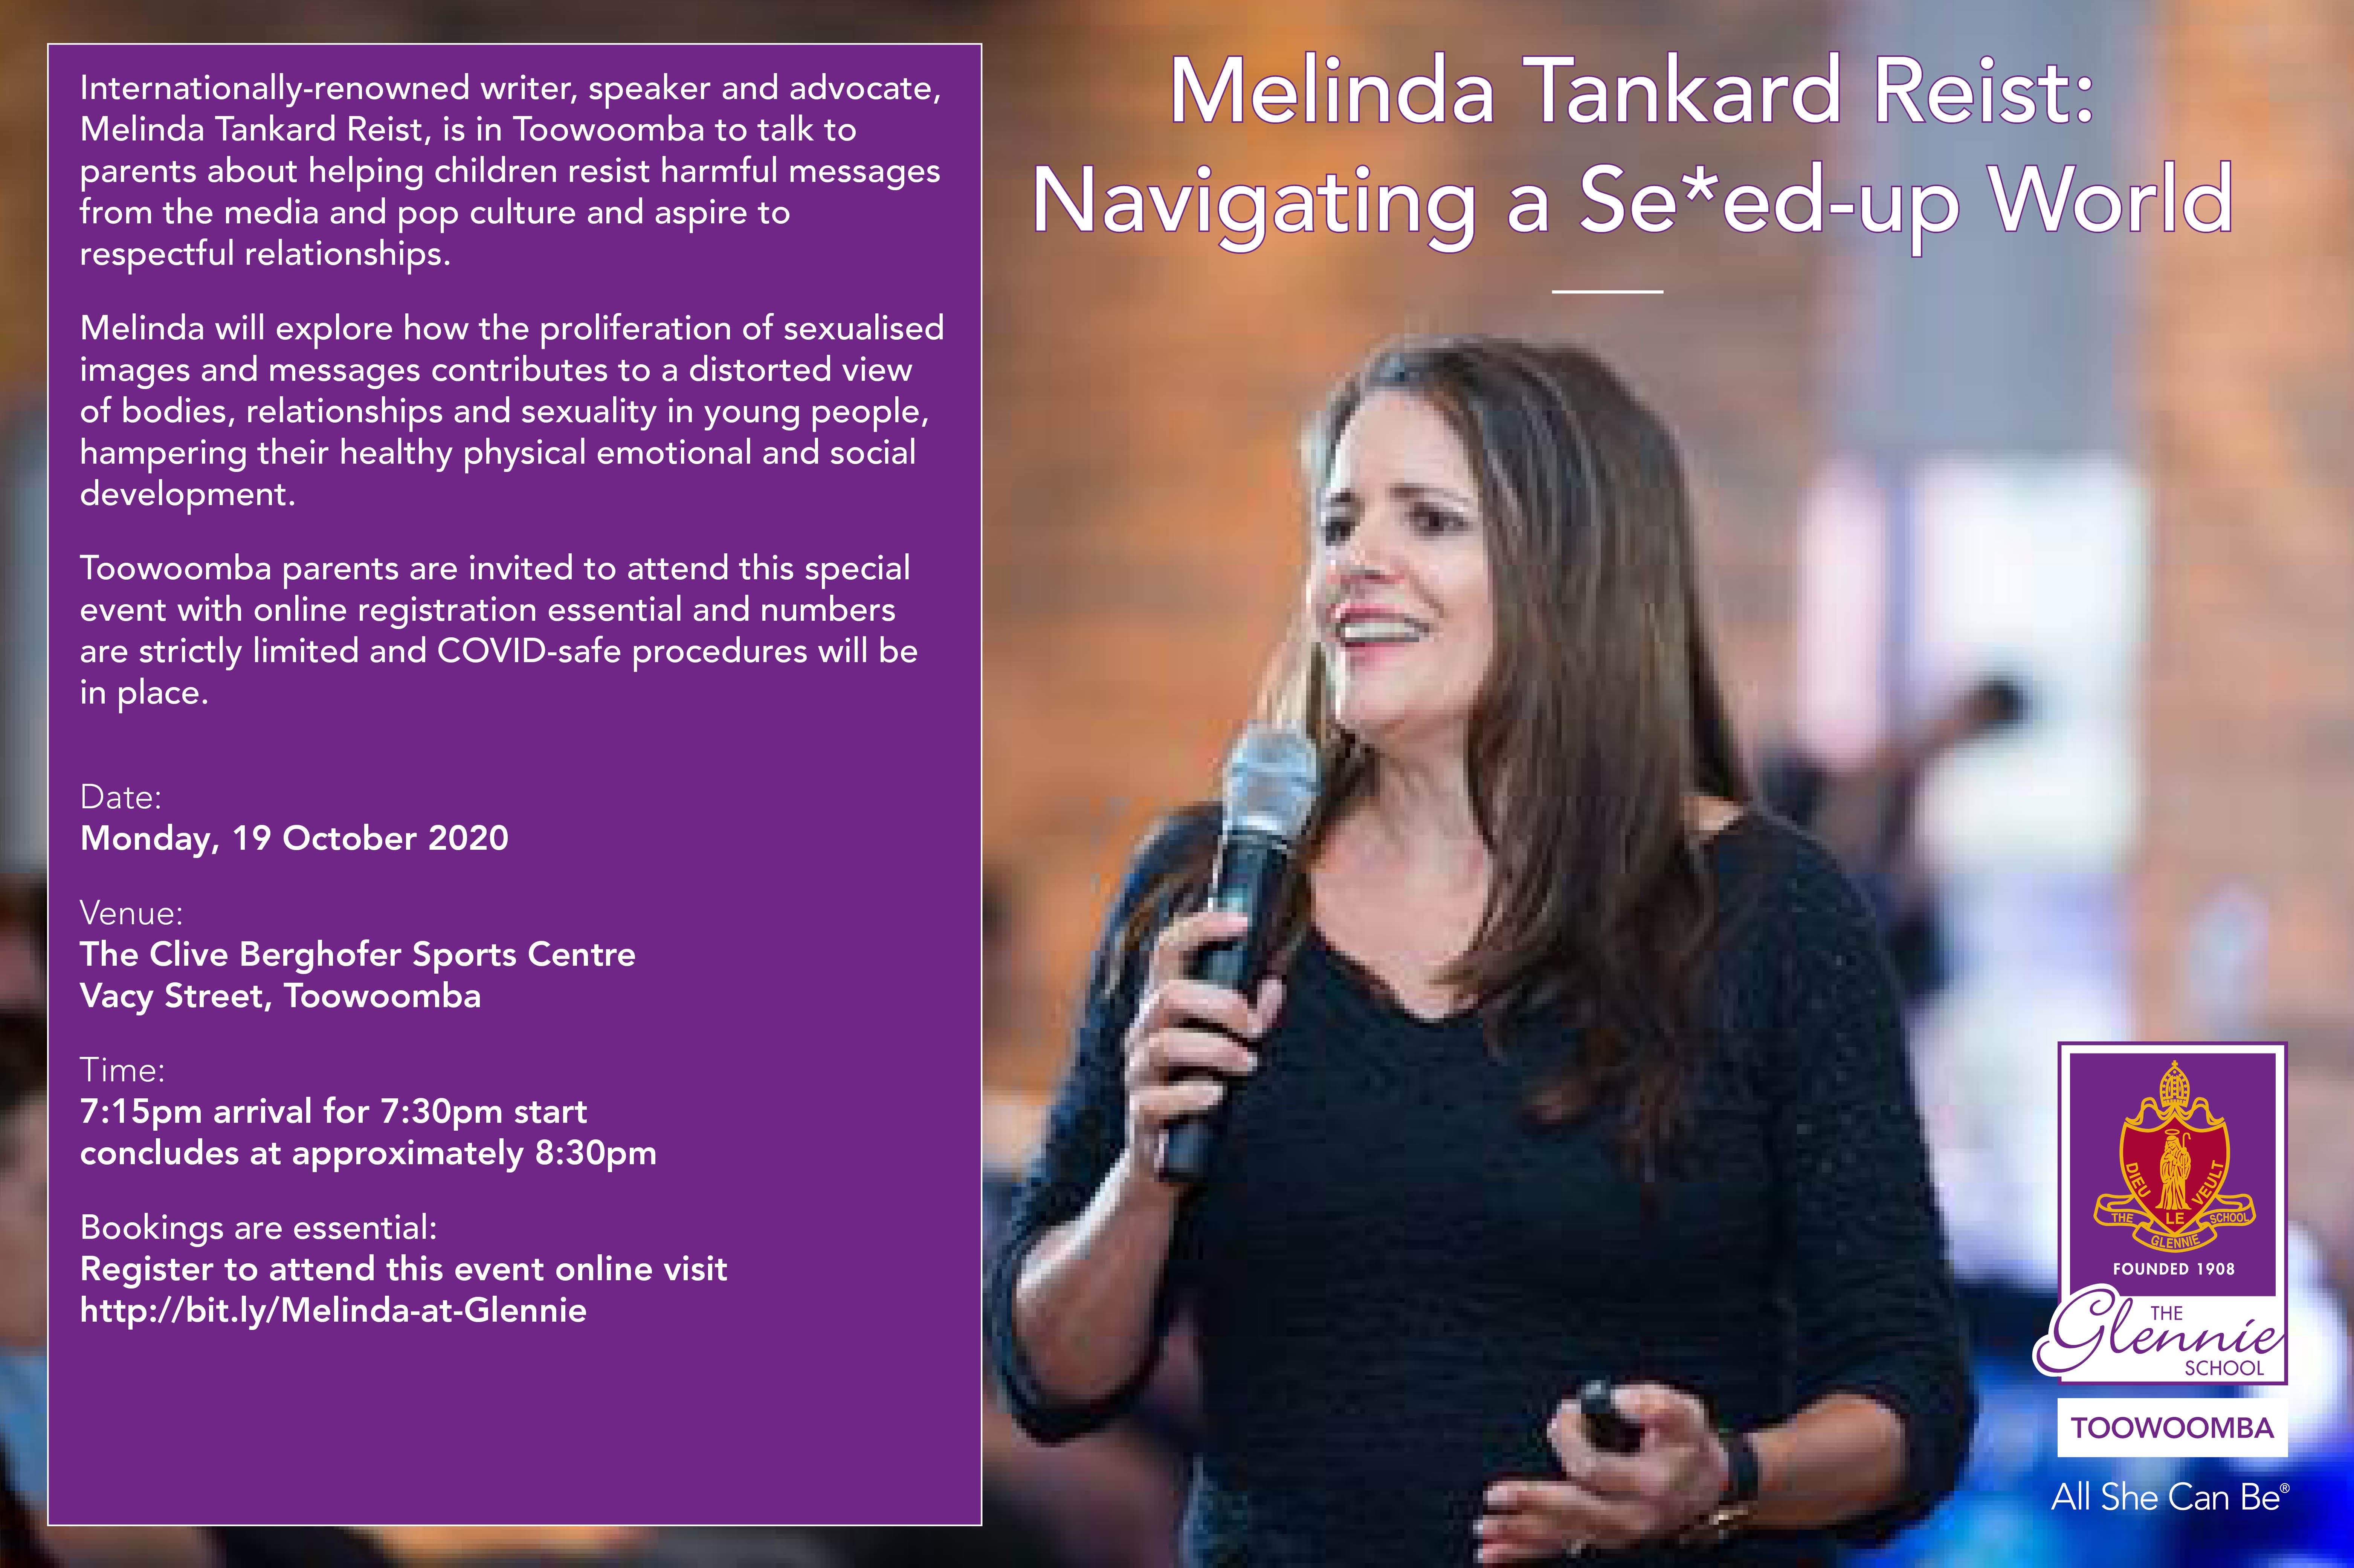 Invitation_for_Melinda_Tankard_Reist.jpg